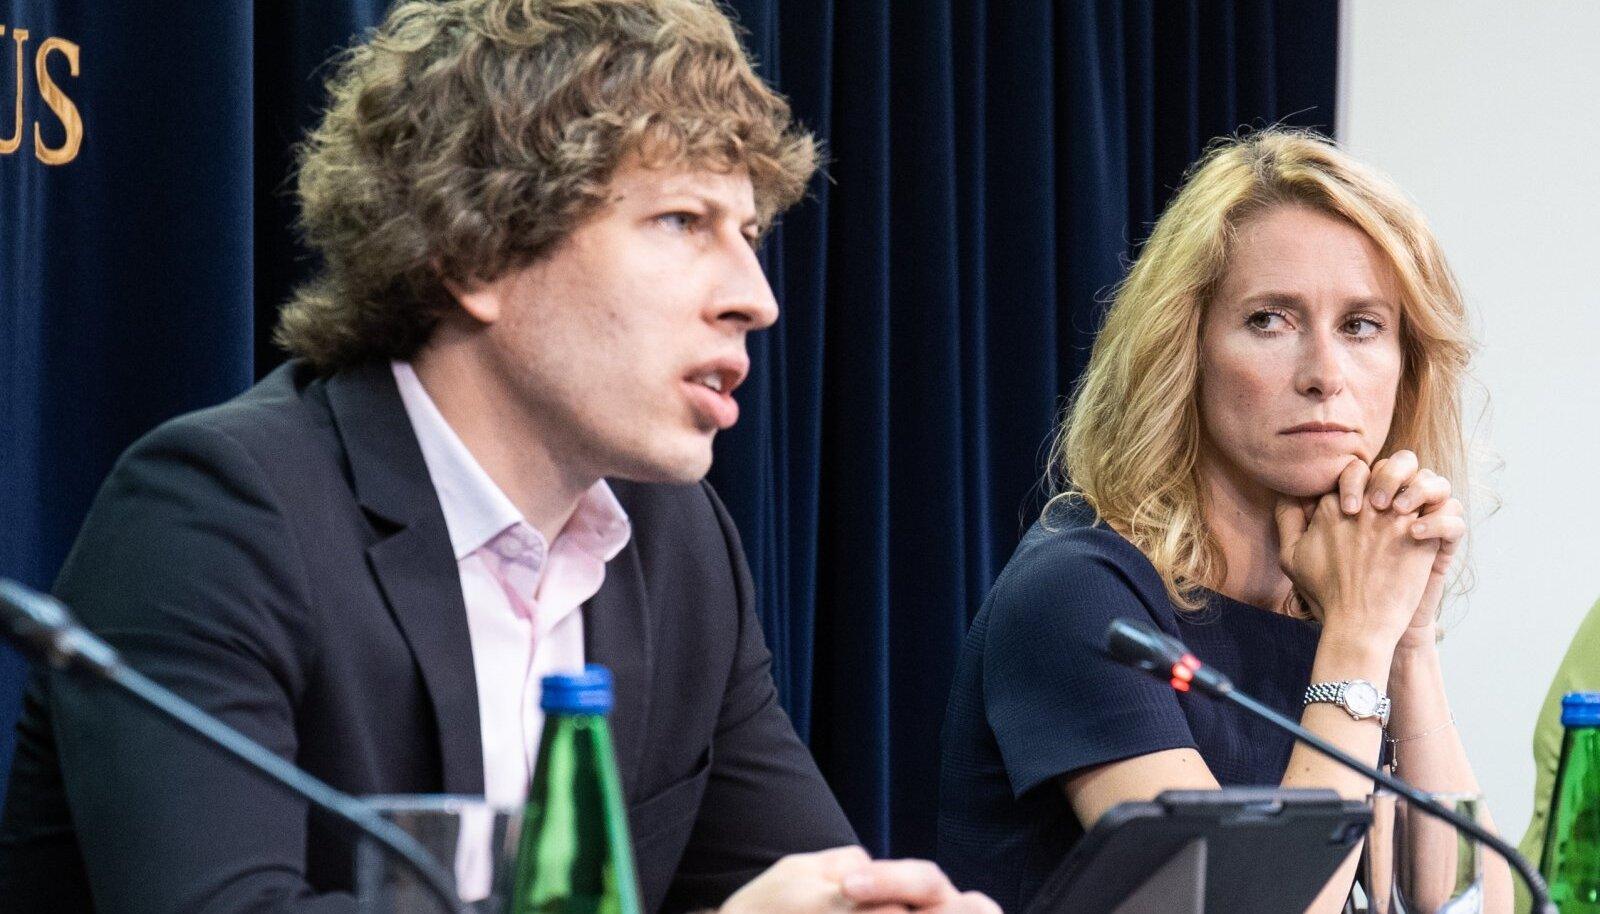 Kaja Kallas pole küsitluse kohaselt vaktsineerimise korraldamisega hakkama saanud, Tanel Kiigega oldi rohkem rahul.